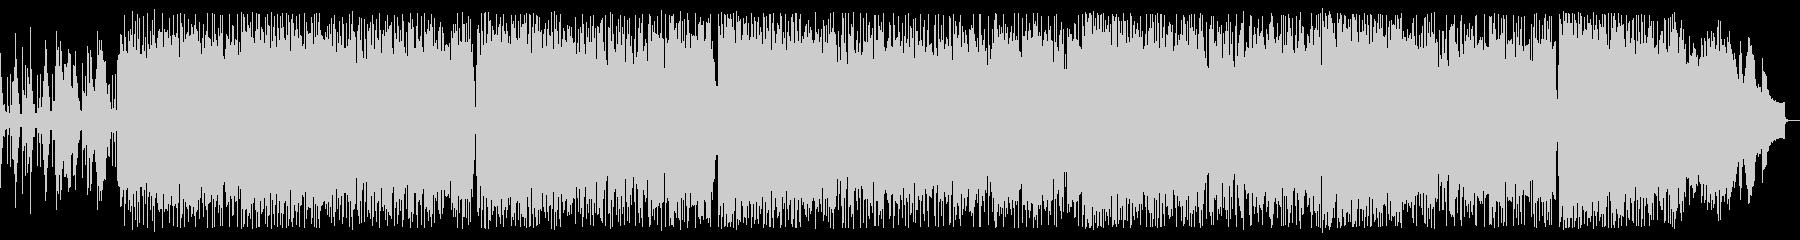 天気予報BGM(ピアノ中心のバラード)の未再生の波形